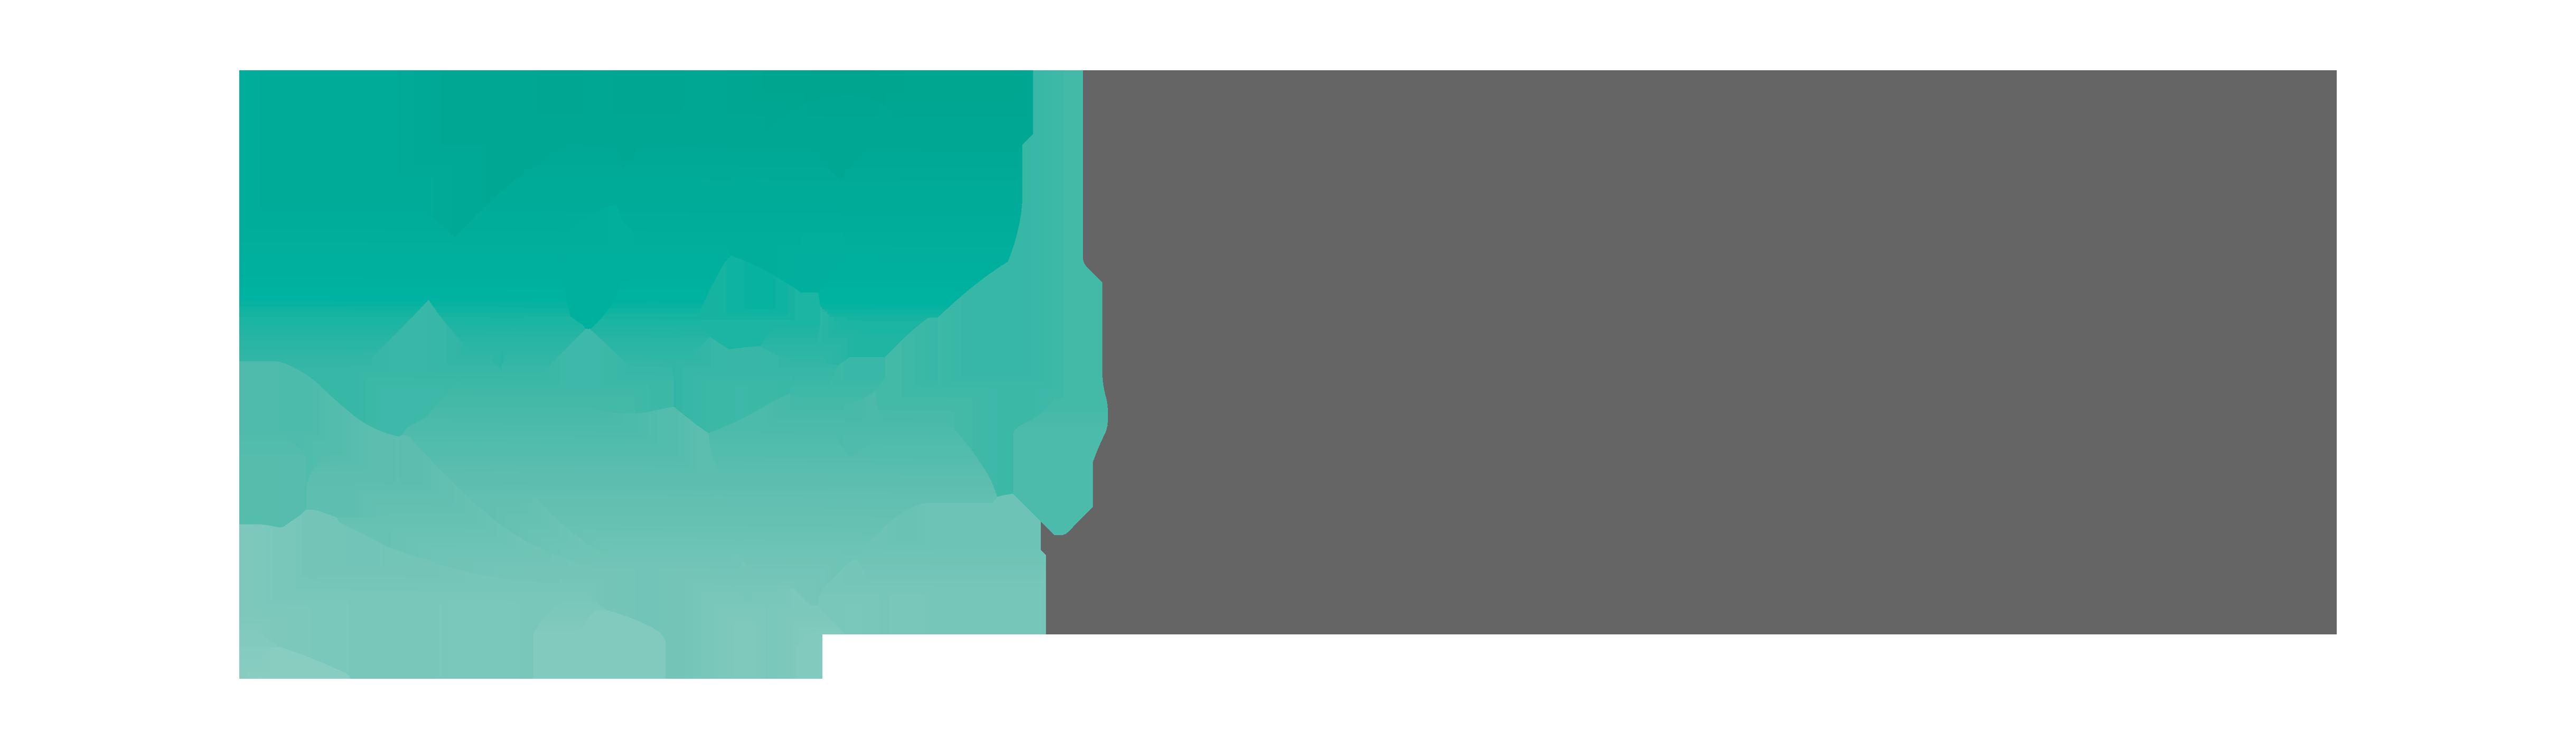 名古屋マナースクール ビークオレ ビジネスマナー研修オンライン講座開催